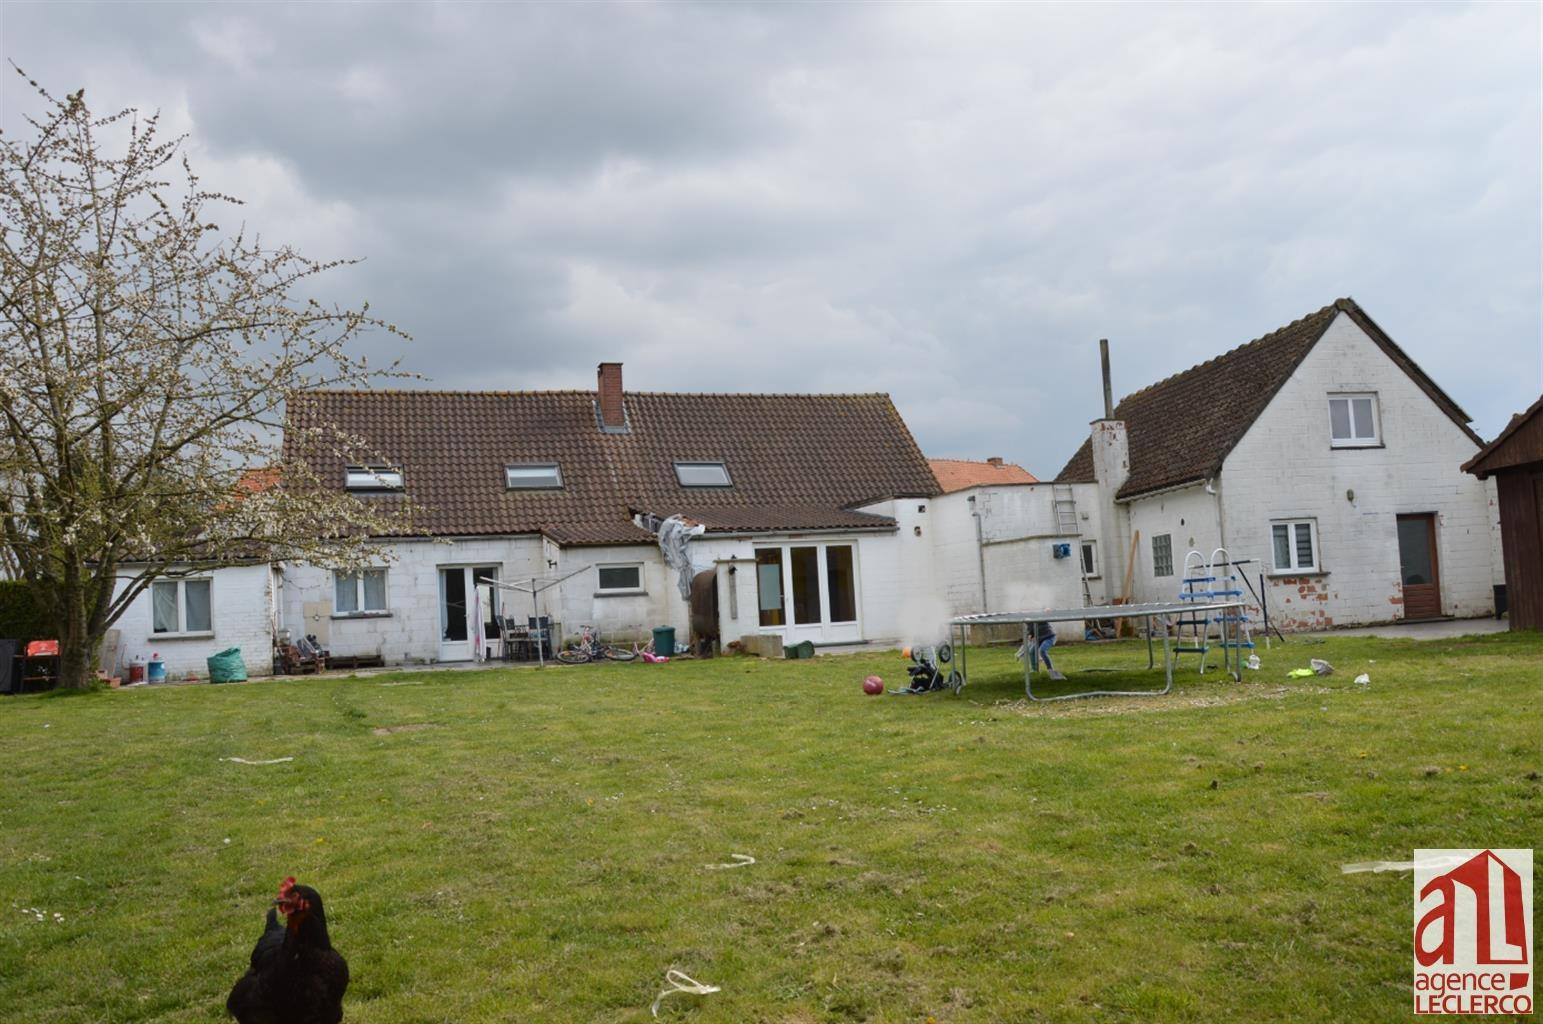 Maison - Willemeau - #4337347-1